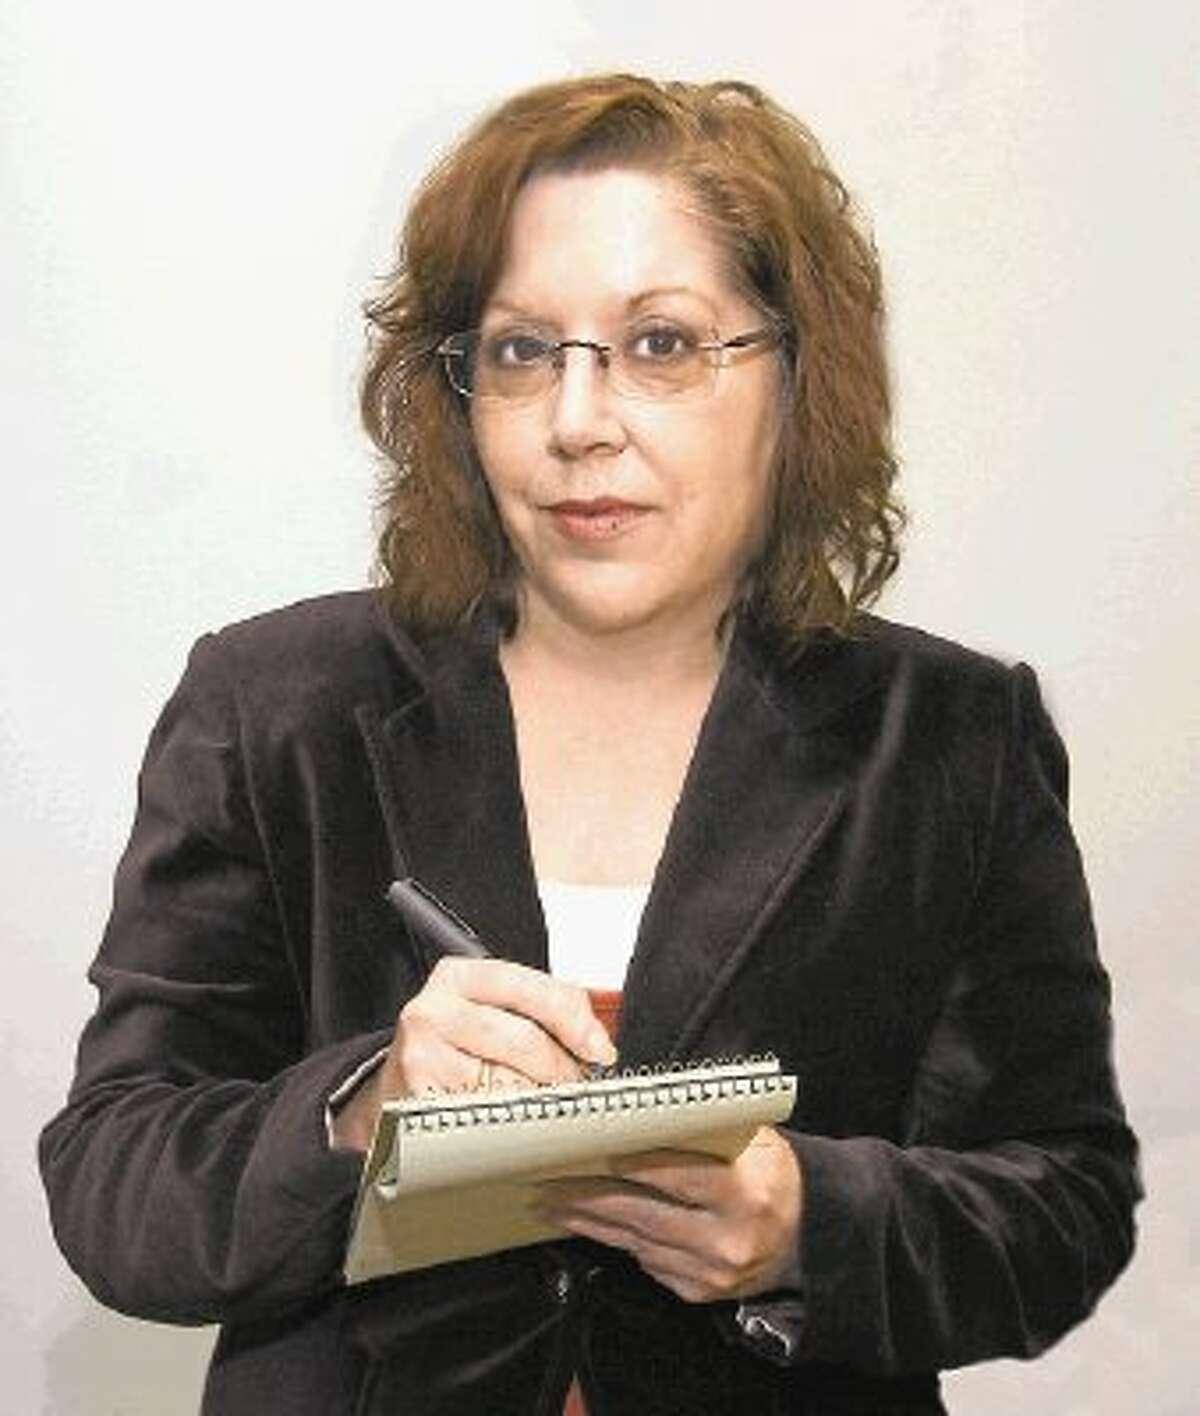 Nancy Flake